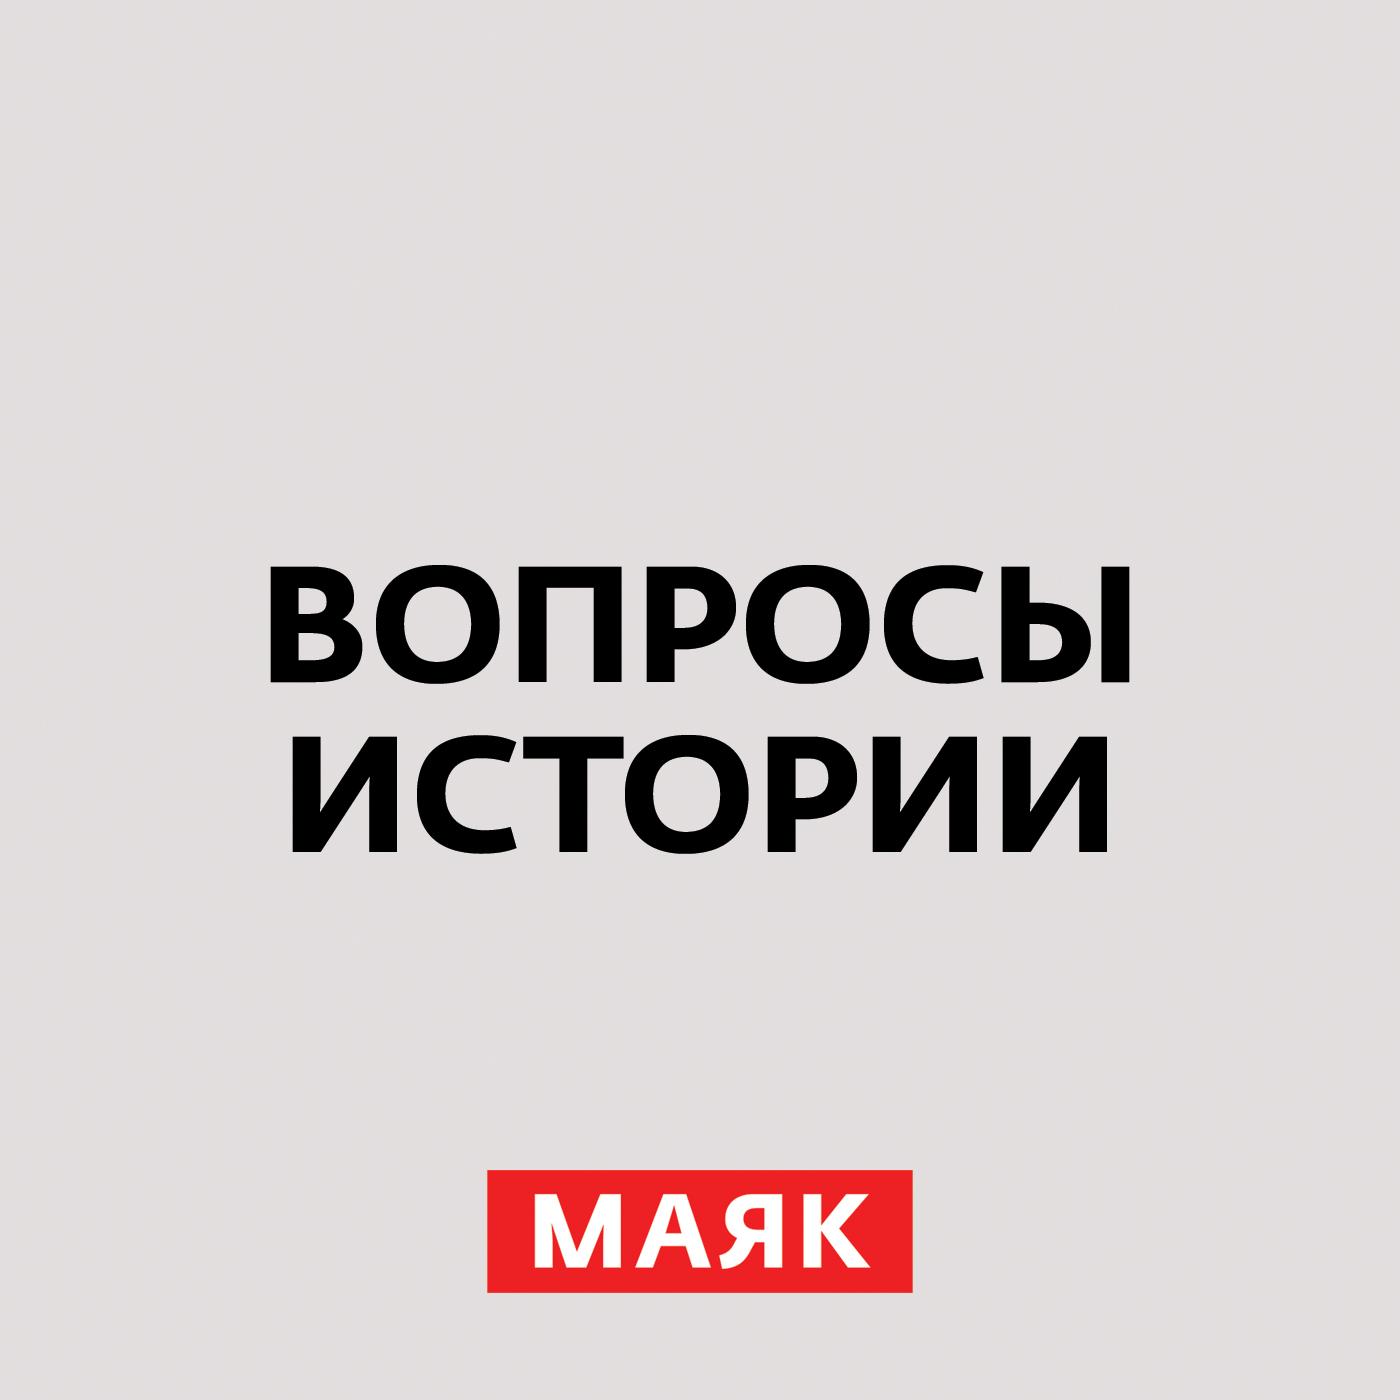 Андрей Светенко Великая депрессия: «Бандитский Петербург» в жизни и на экране андрей рубанов великая мечта